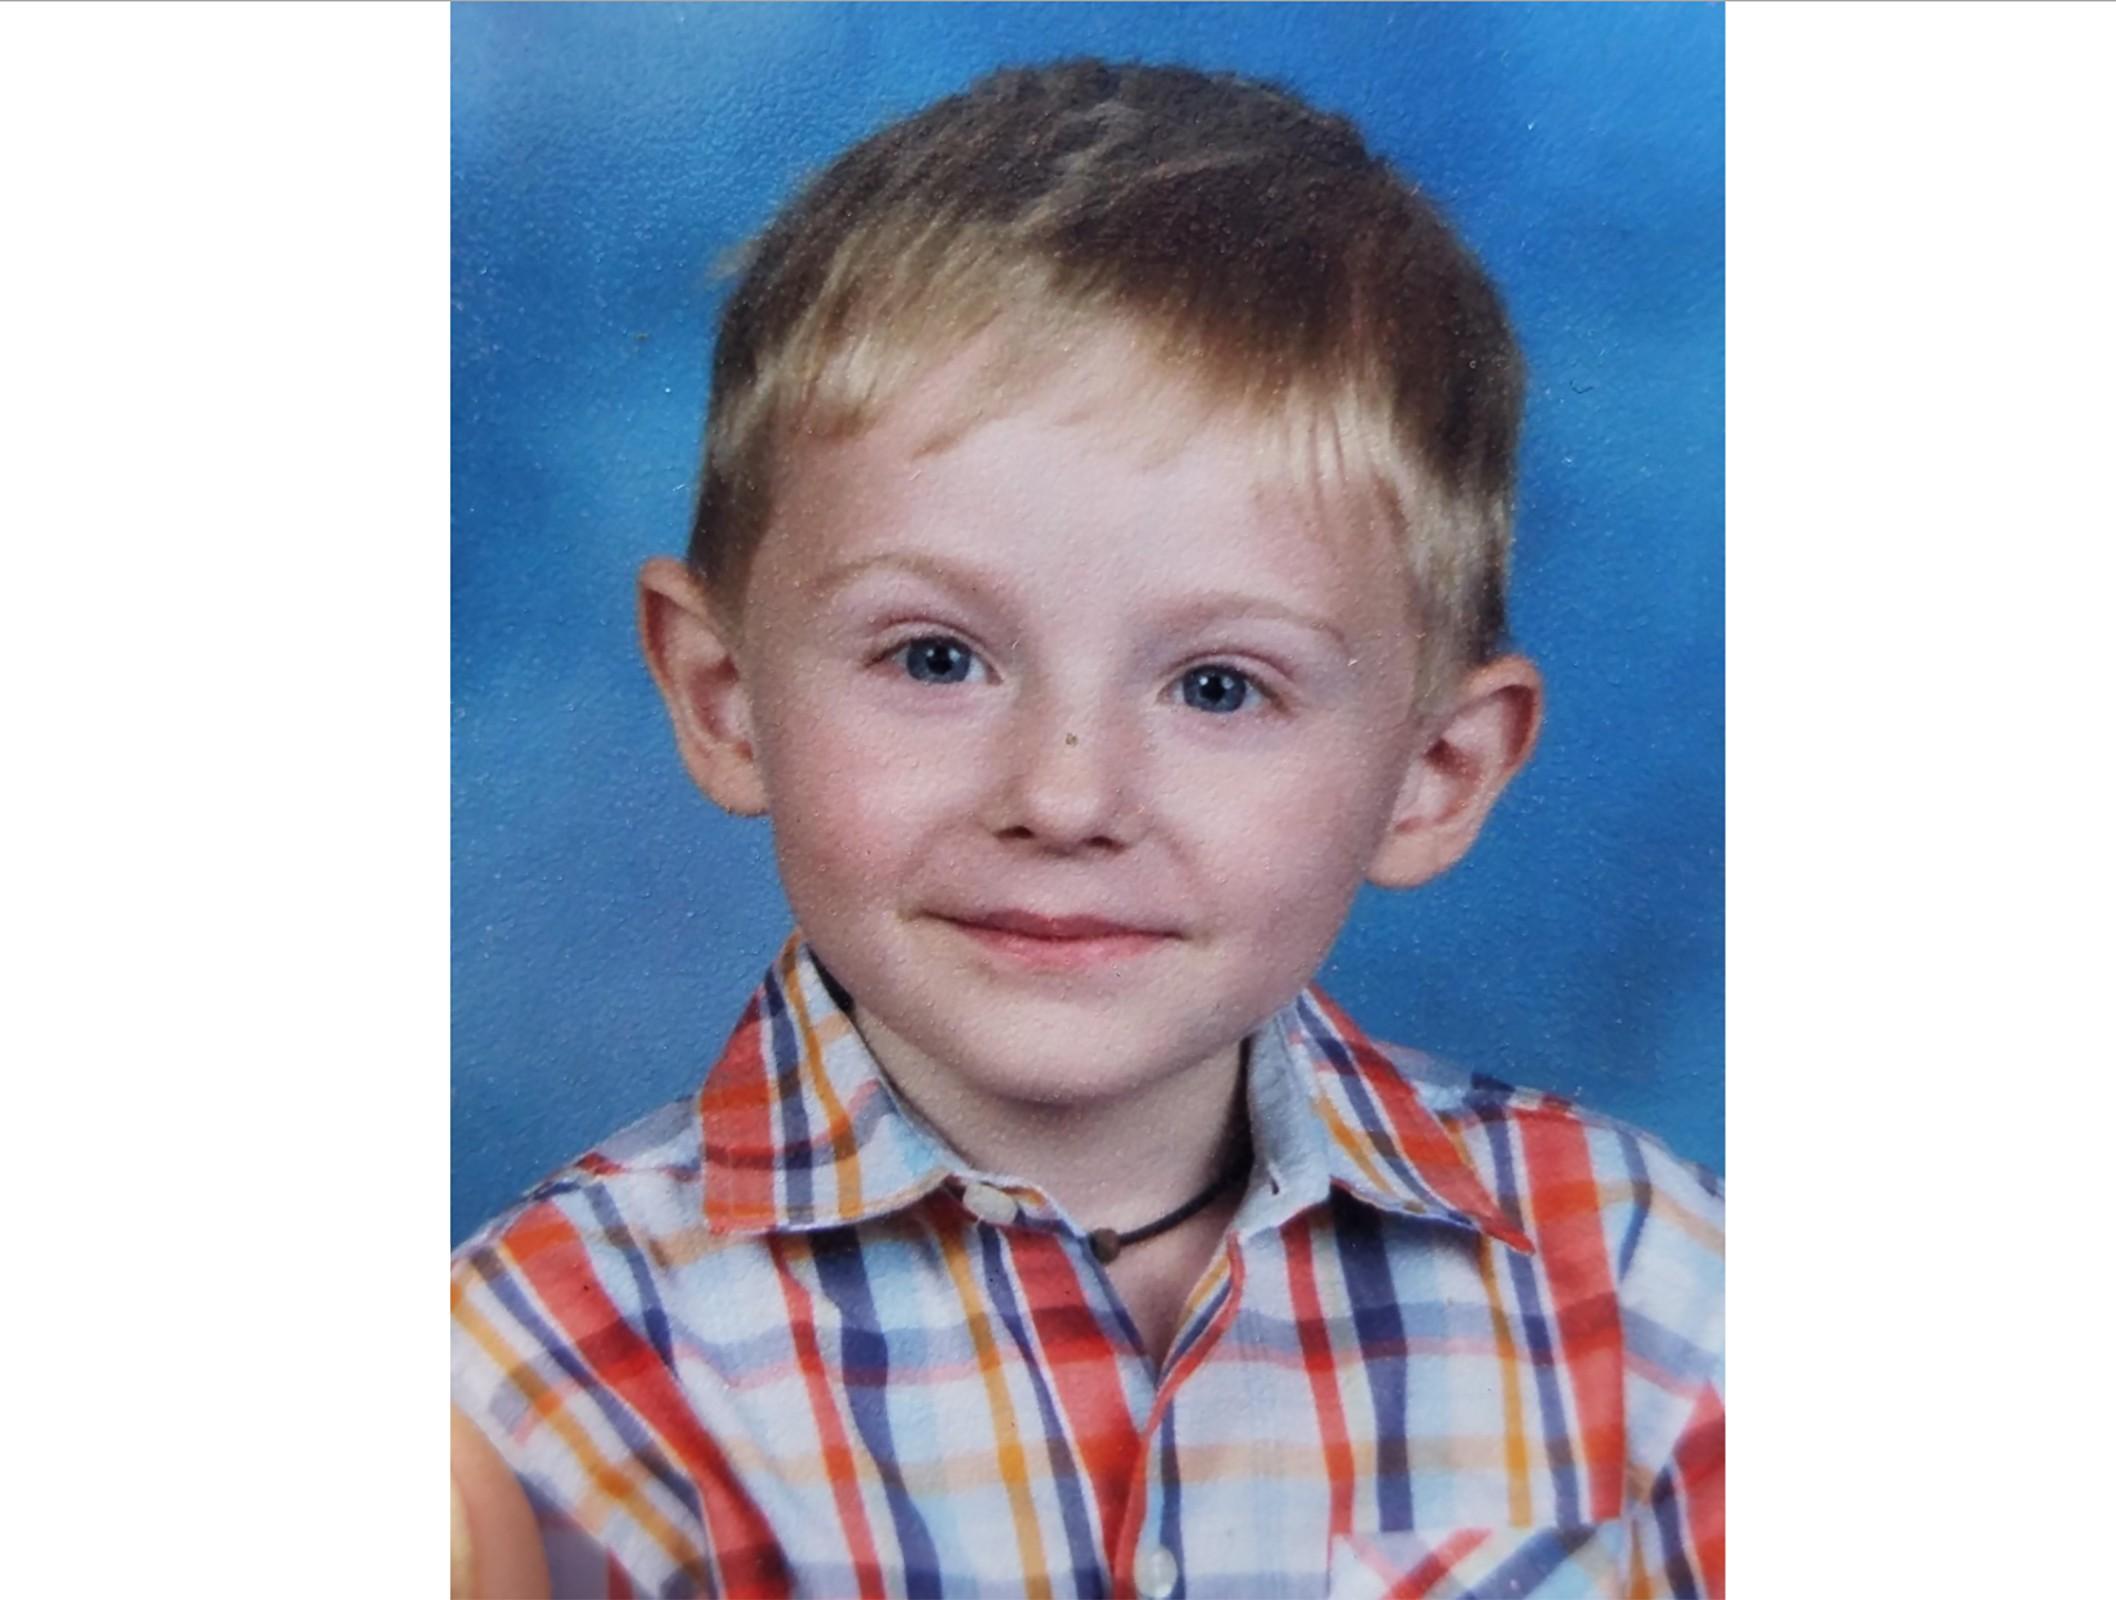 Encuentran sin vida niño autista desaparecido en Carolina del Norte